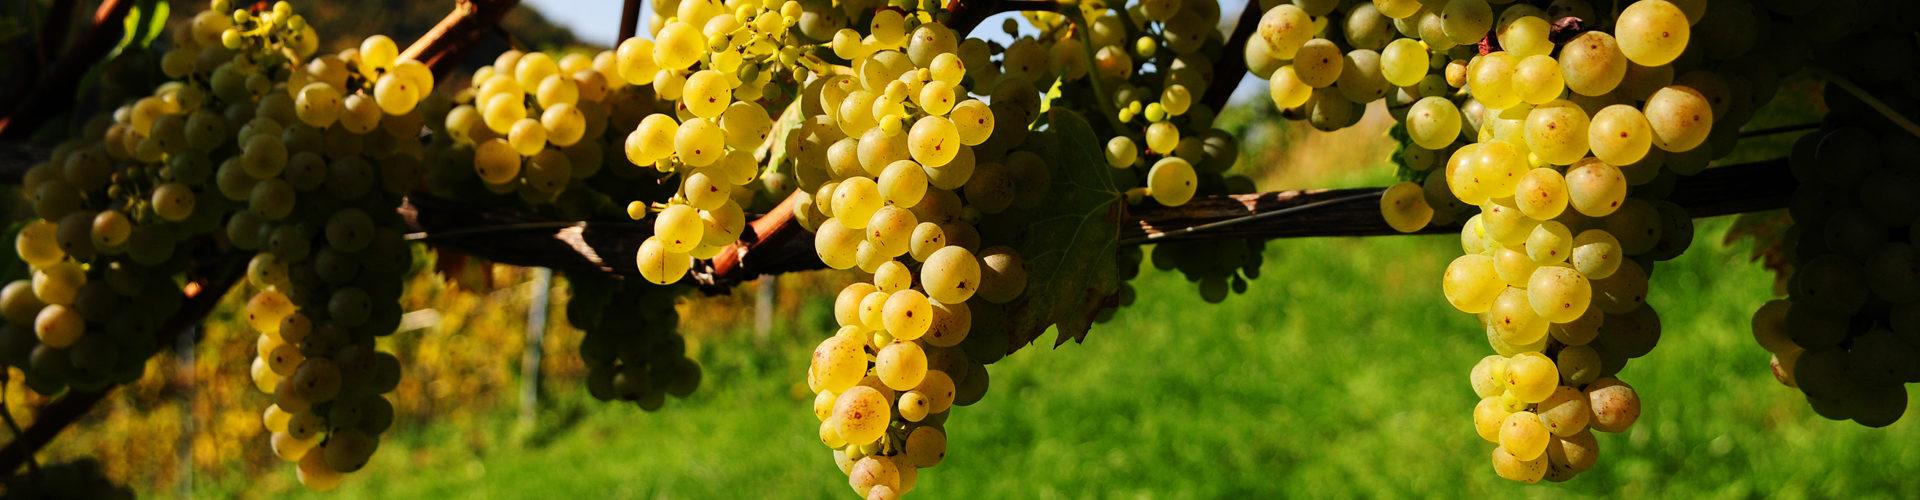 Reife Weintrauben kurz vor der Ernte im Weingarten.